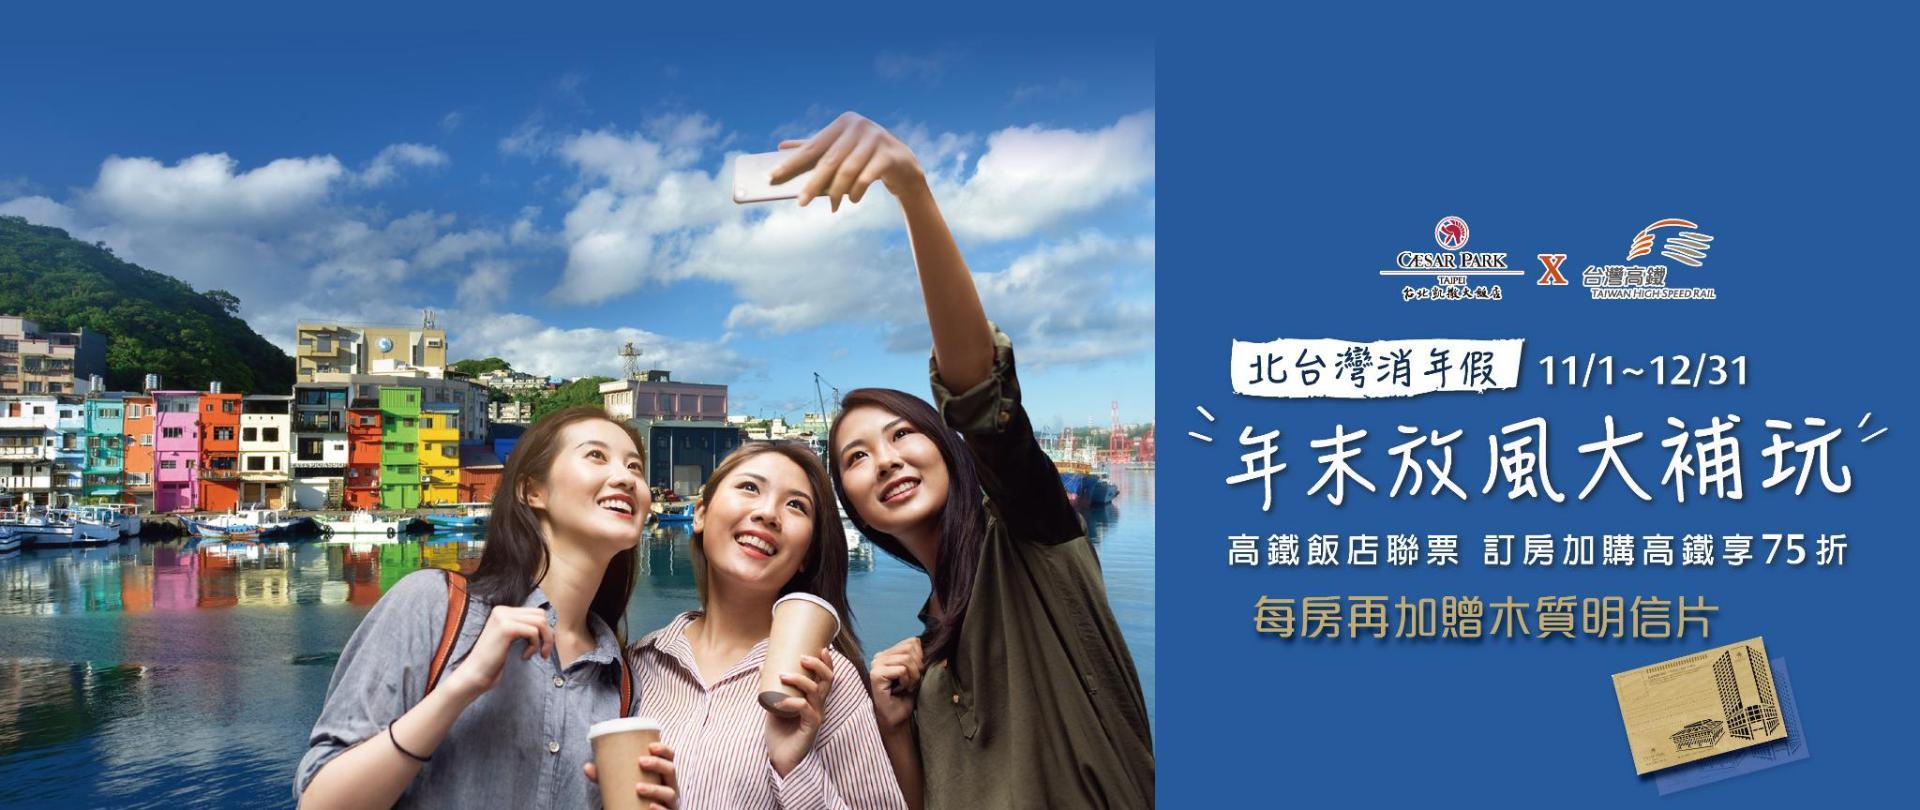 高鐵聯票大補玩_官網首頁banner-4000X1688.jpg